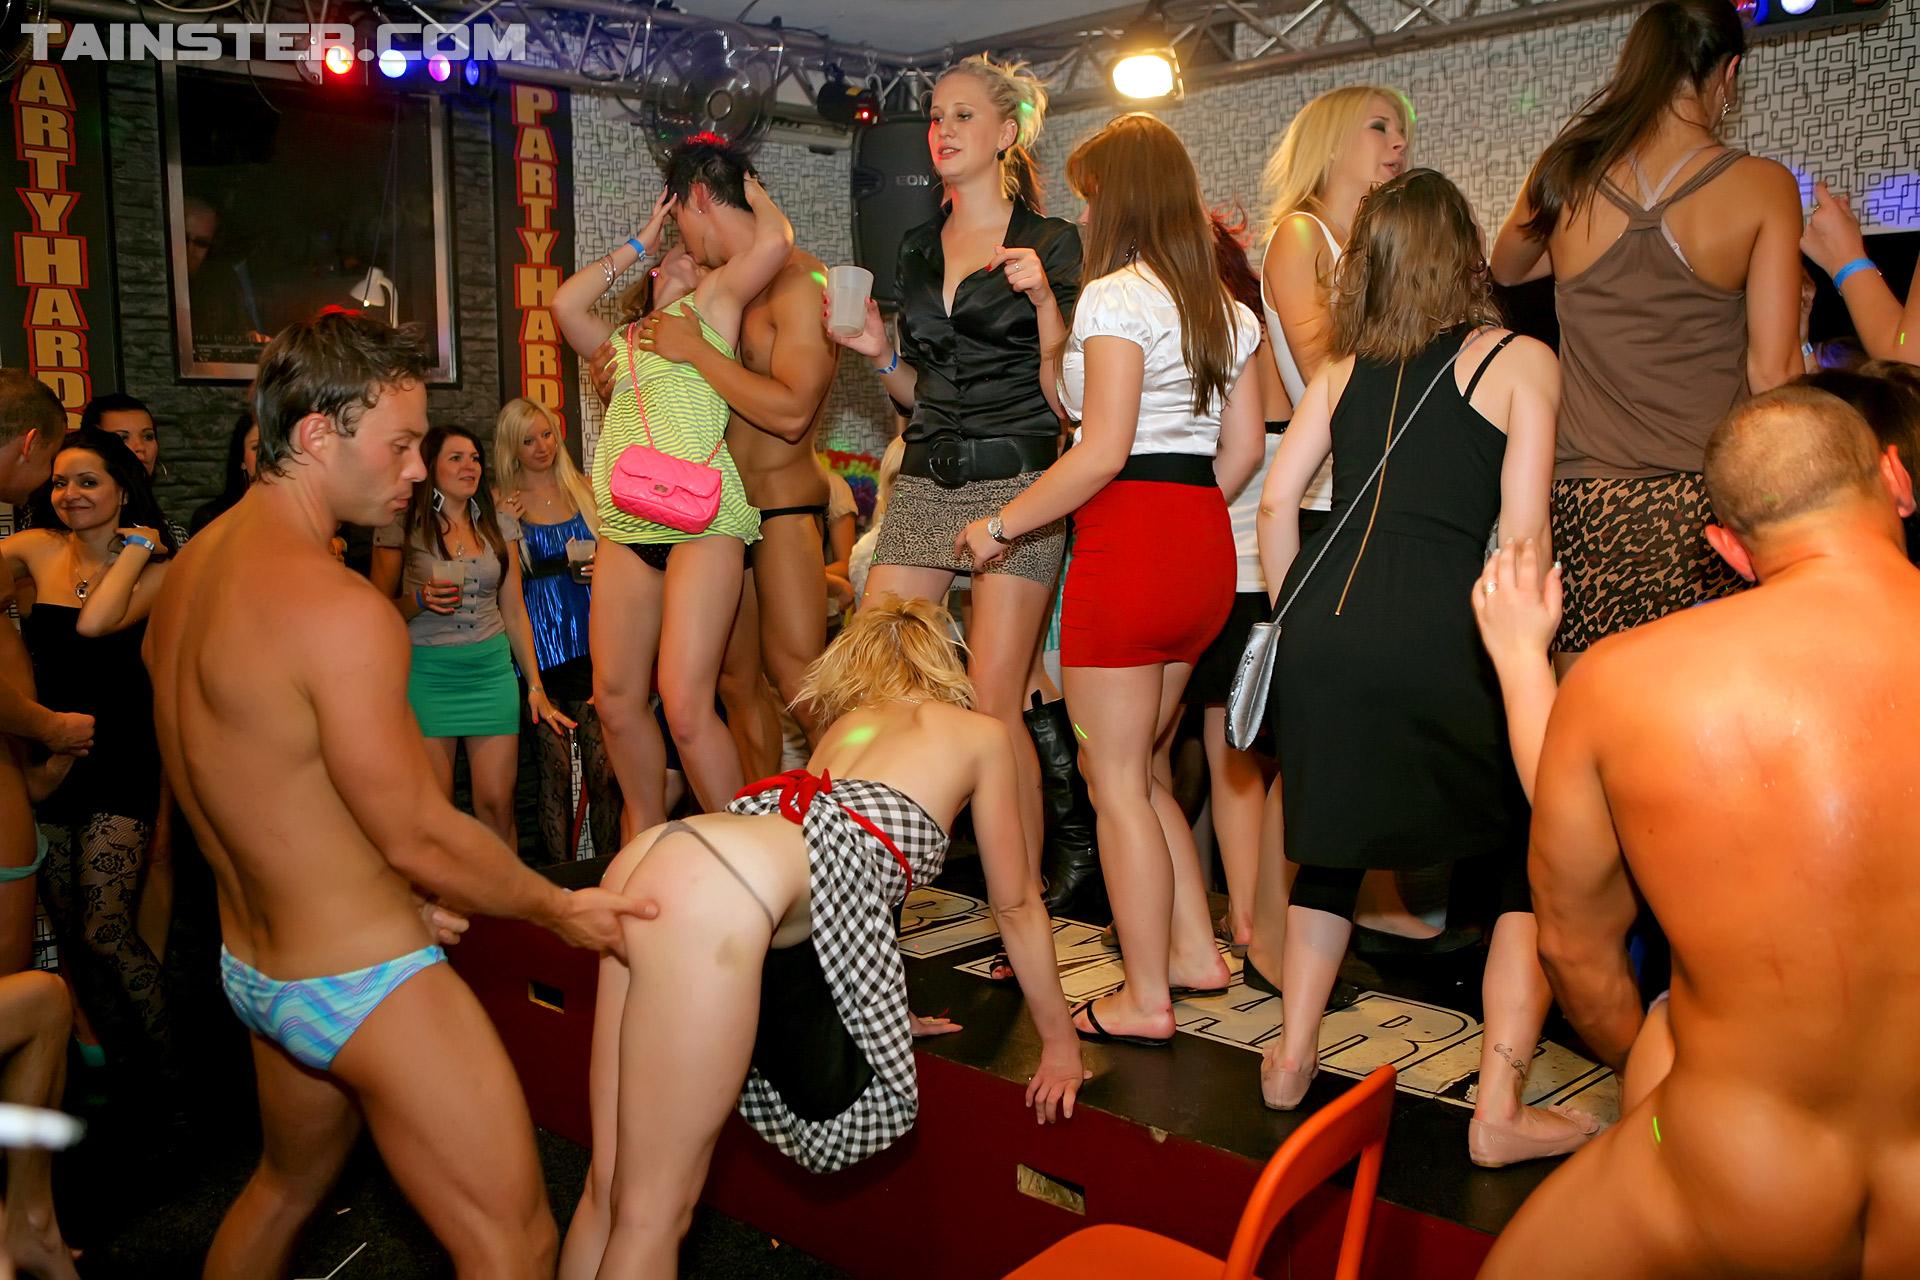 Видео секс конкурсов из закрытых вечеринок и клубов